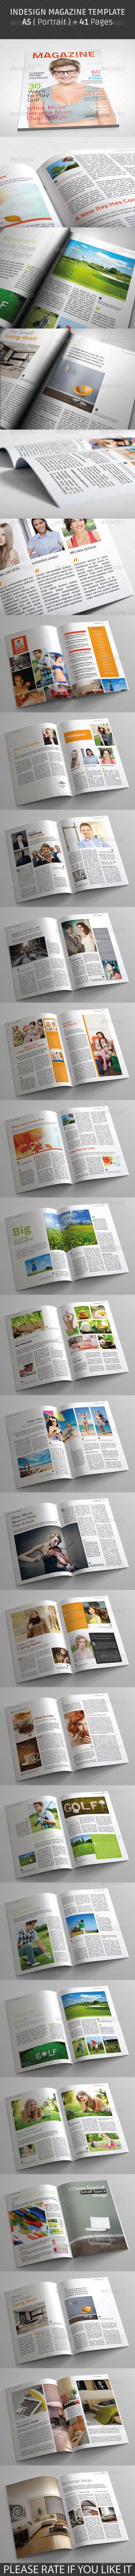 GraphicRiver A5 Magazine Template Portrait 5130200